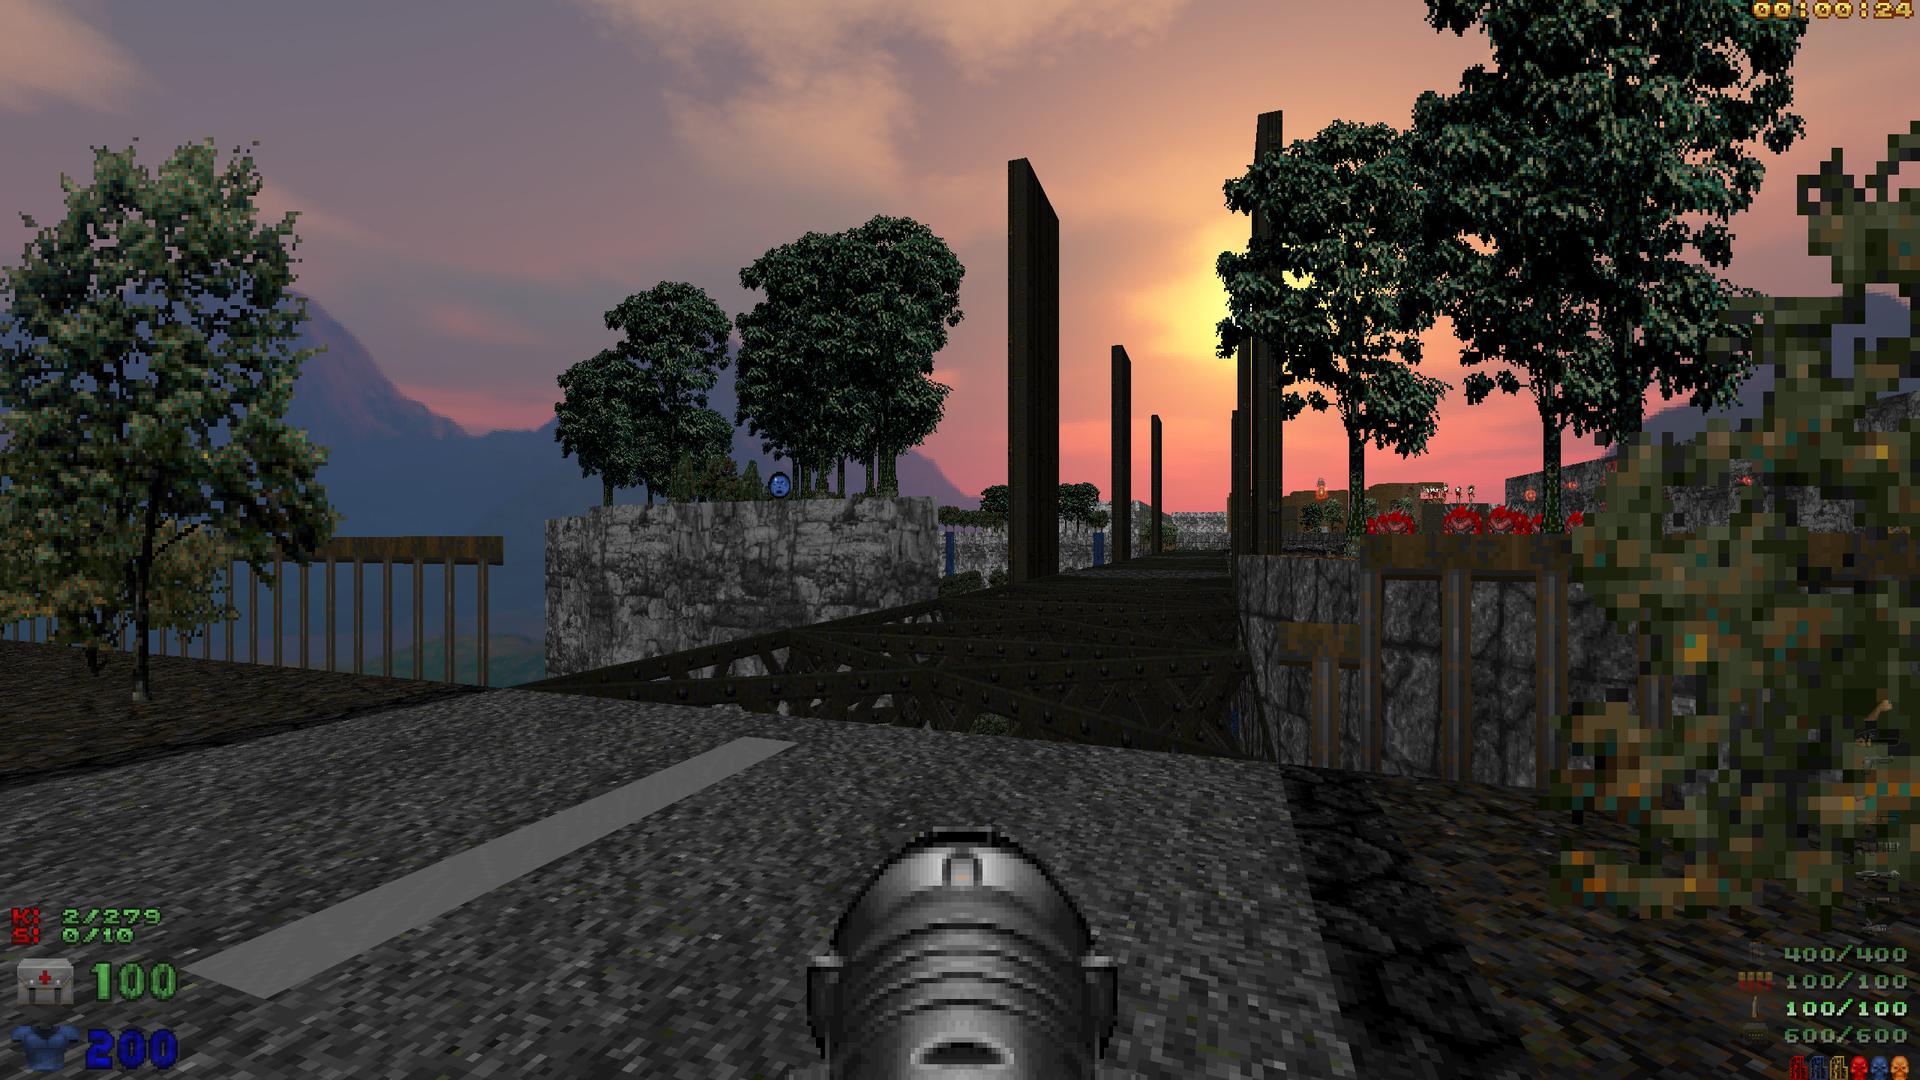 Screenshot_Doom_20210303_105754.png.e1ced1c464a9362c5358a6d13970f4e7.png